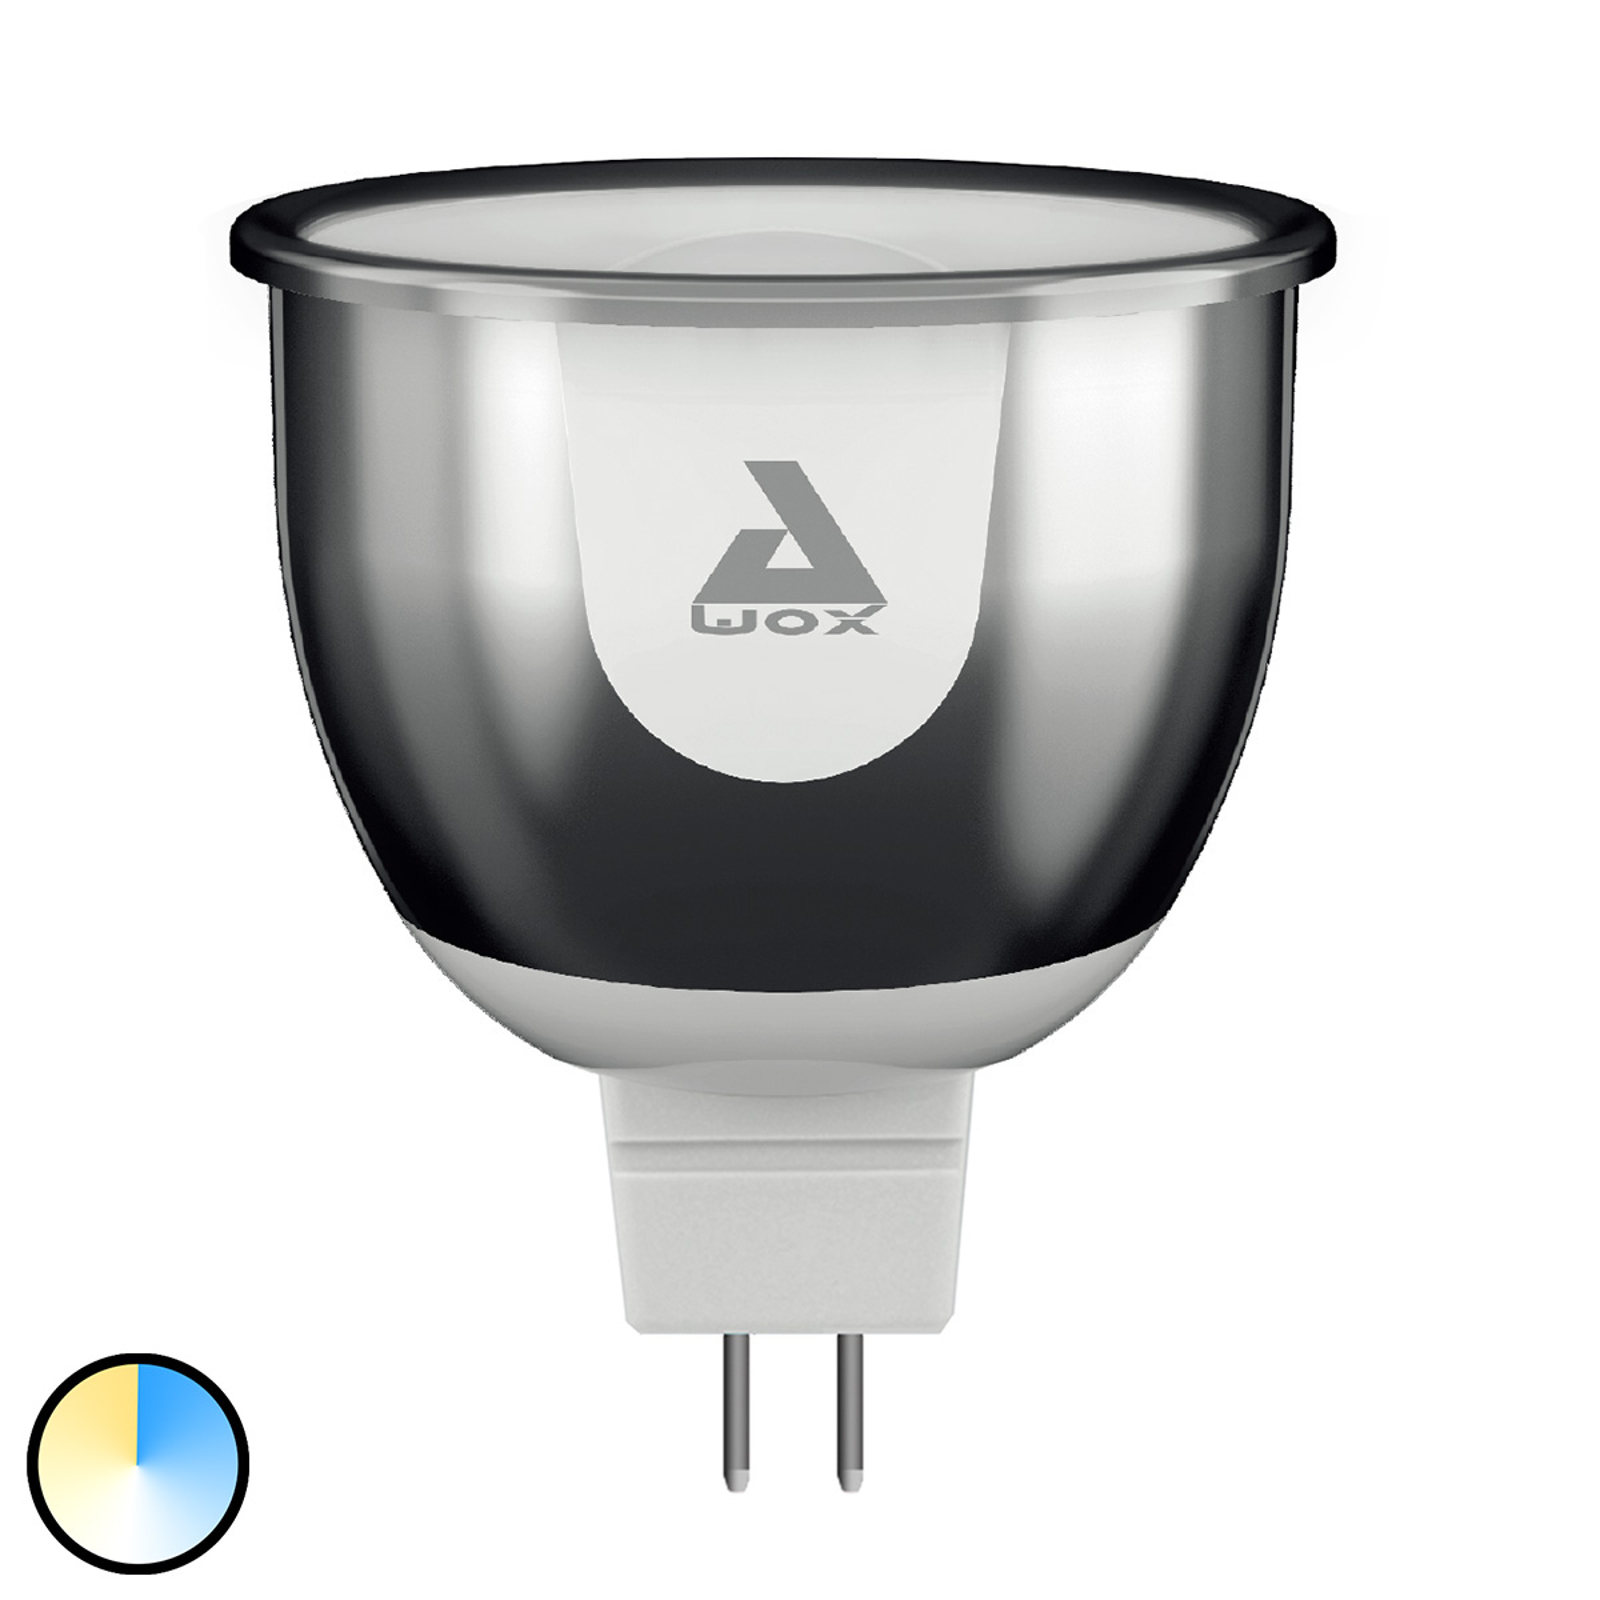 AwoX SmartLIGHT reflektor LED 2700-6000K 4 W